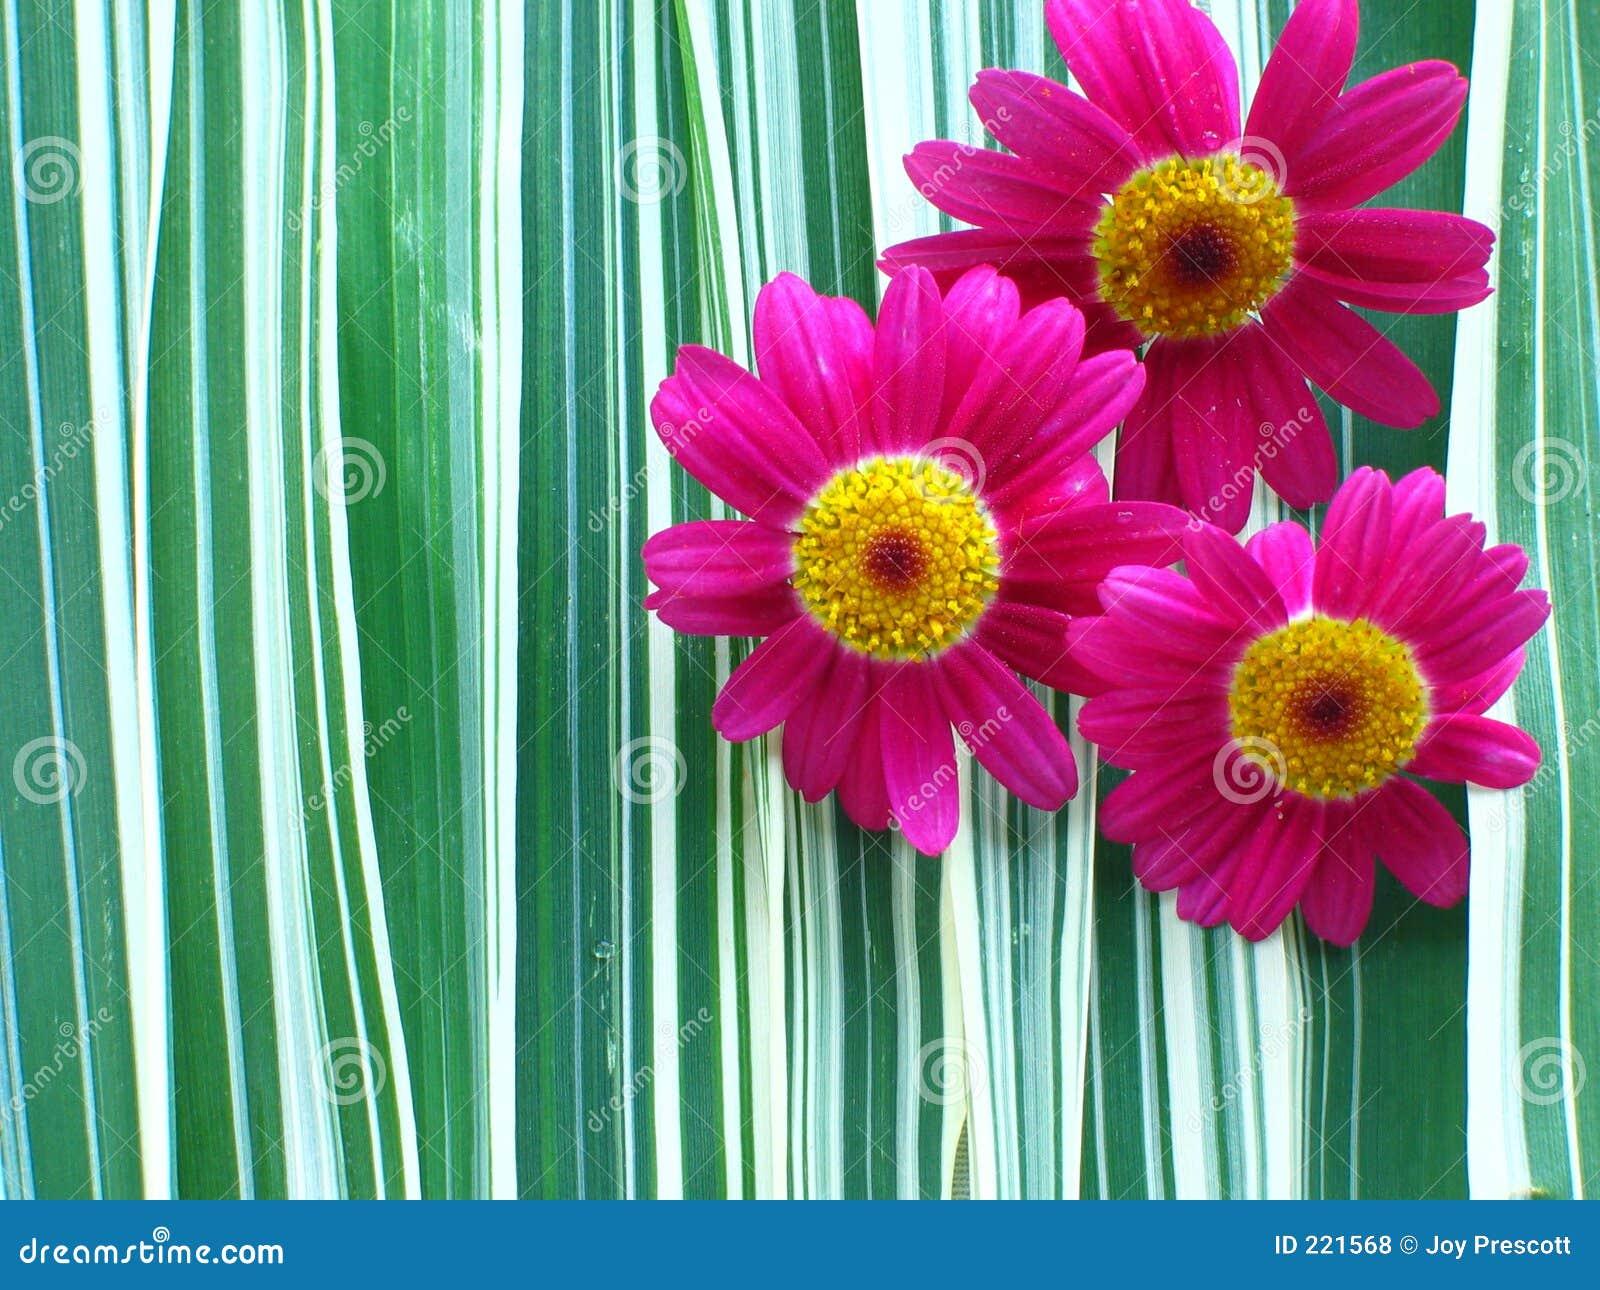 Margaritas De Colores En La Hierba 30995: Margaritas Del Color De Rosa Caliente Foto De Archivo